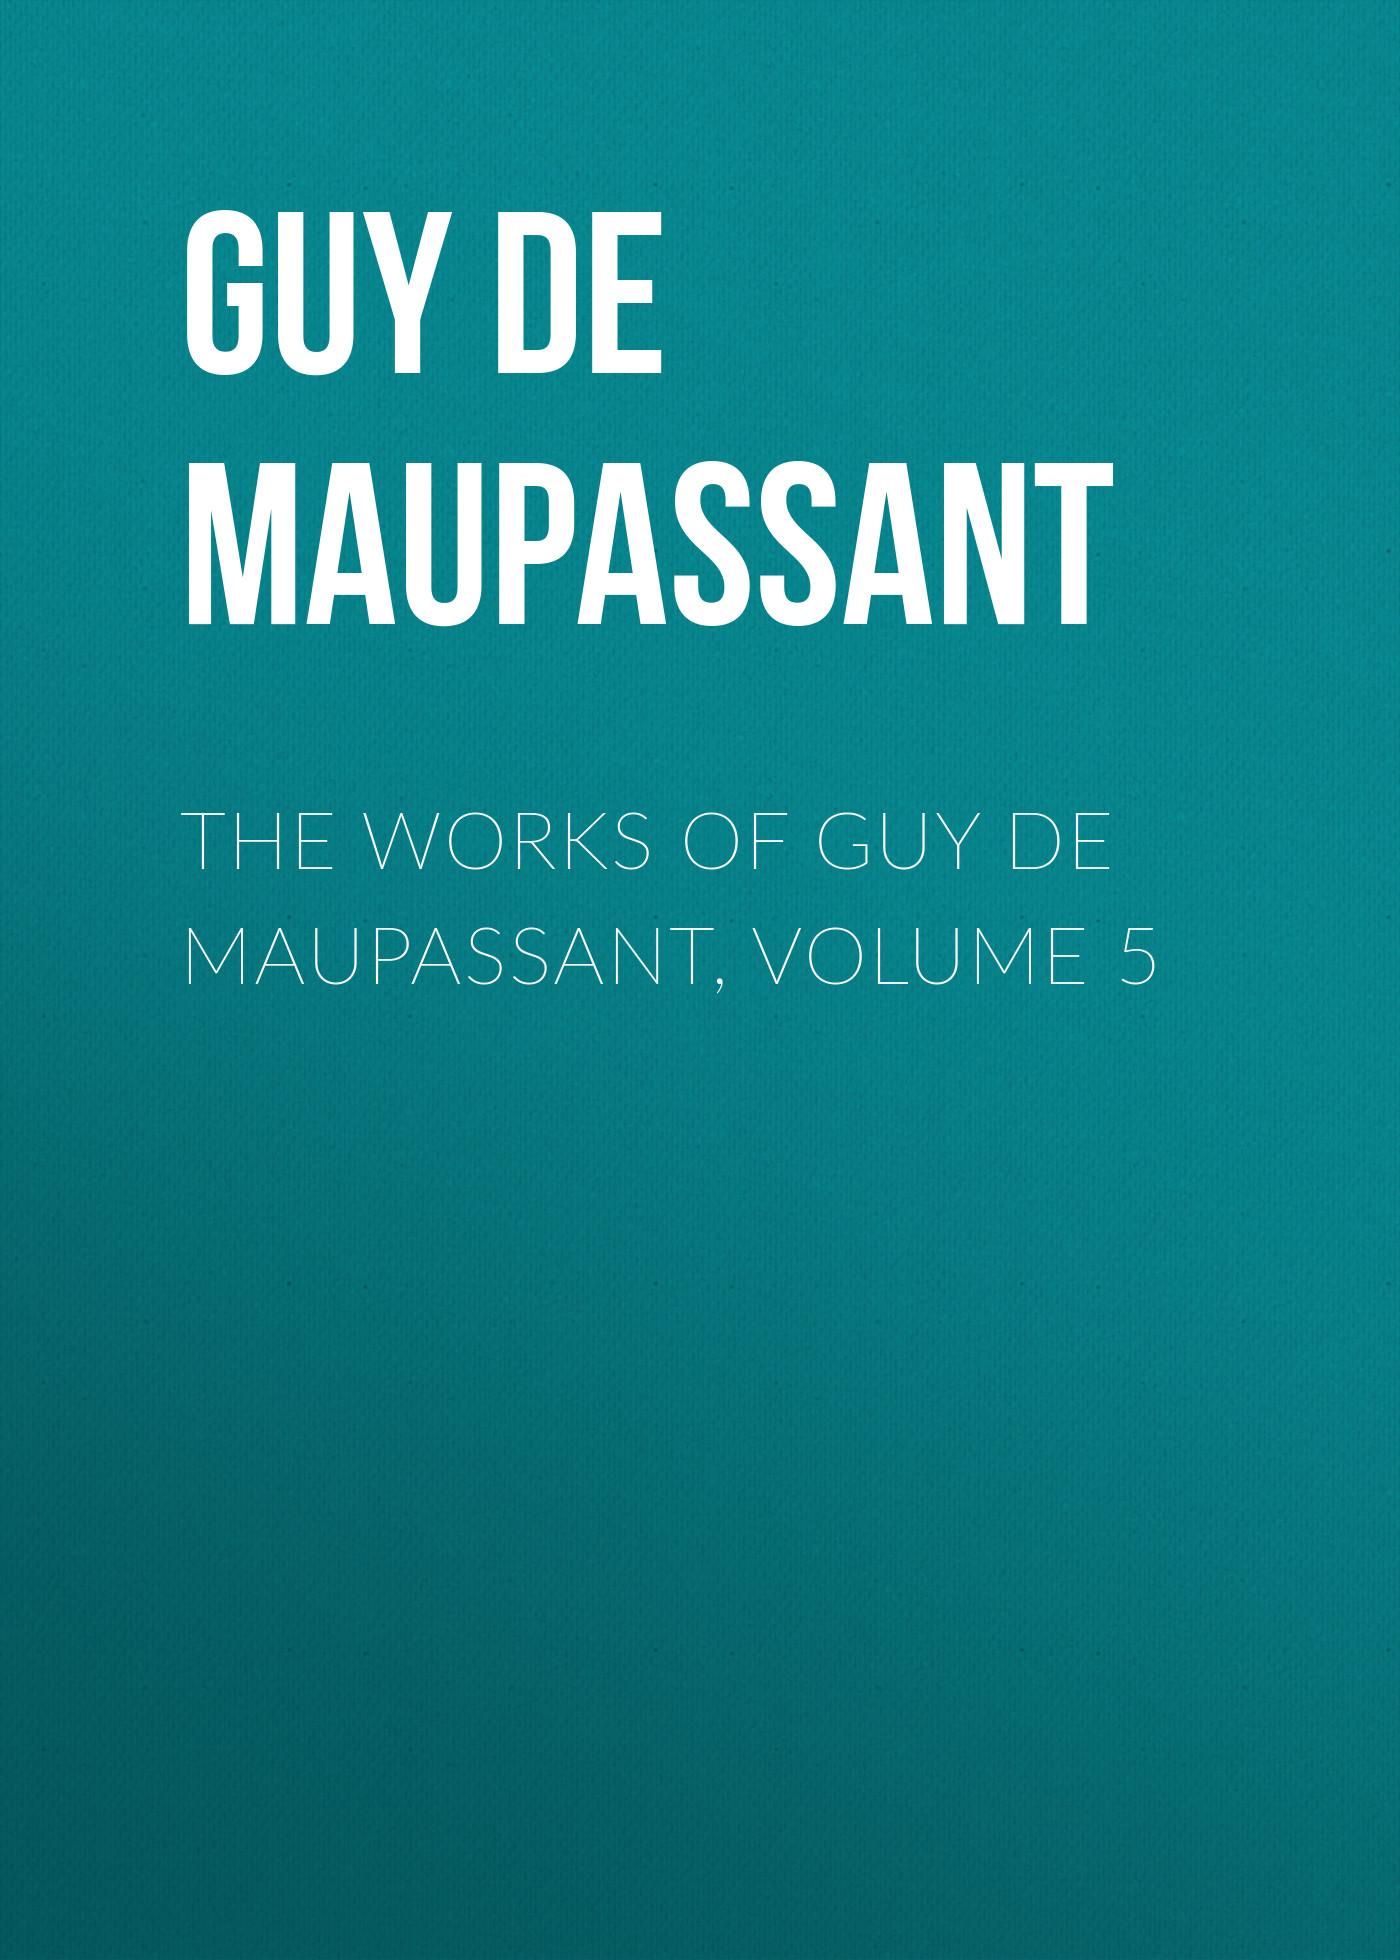 цена на Ги де Мопассан The works of Guy de Maupassant, Volume 5